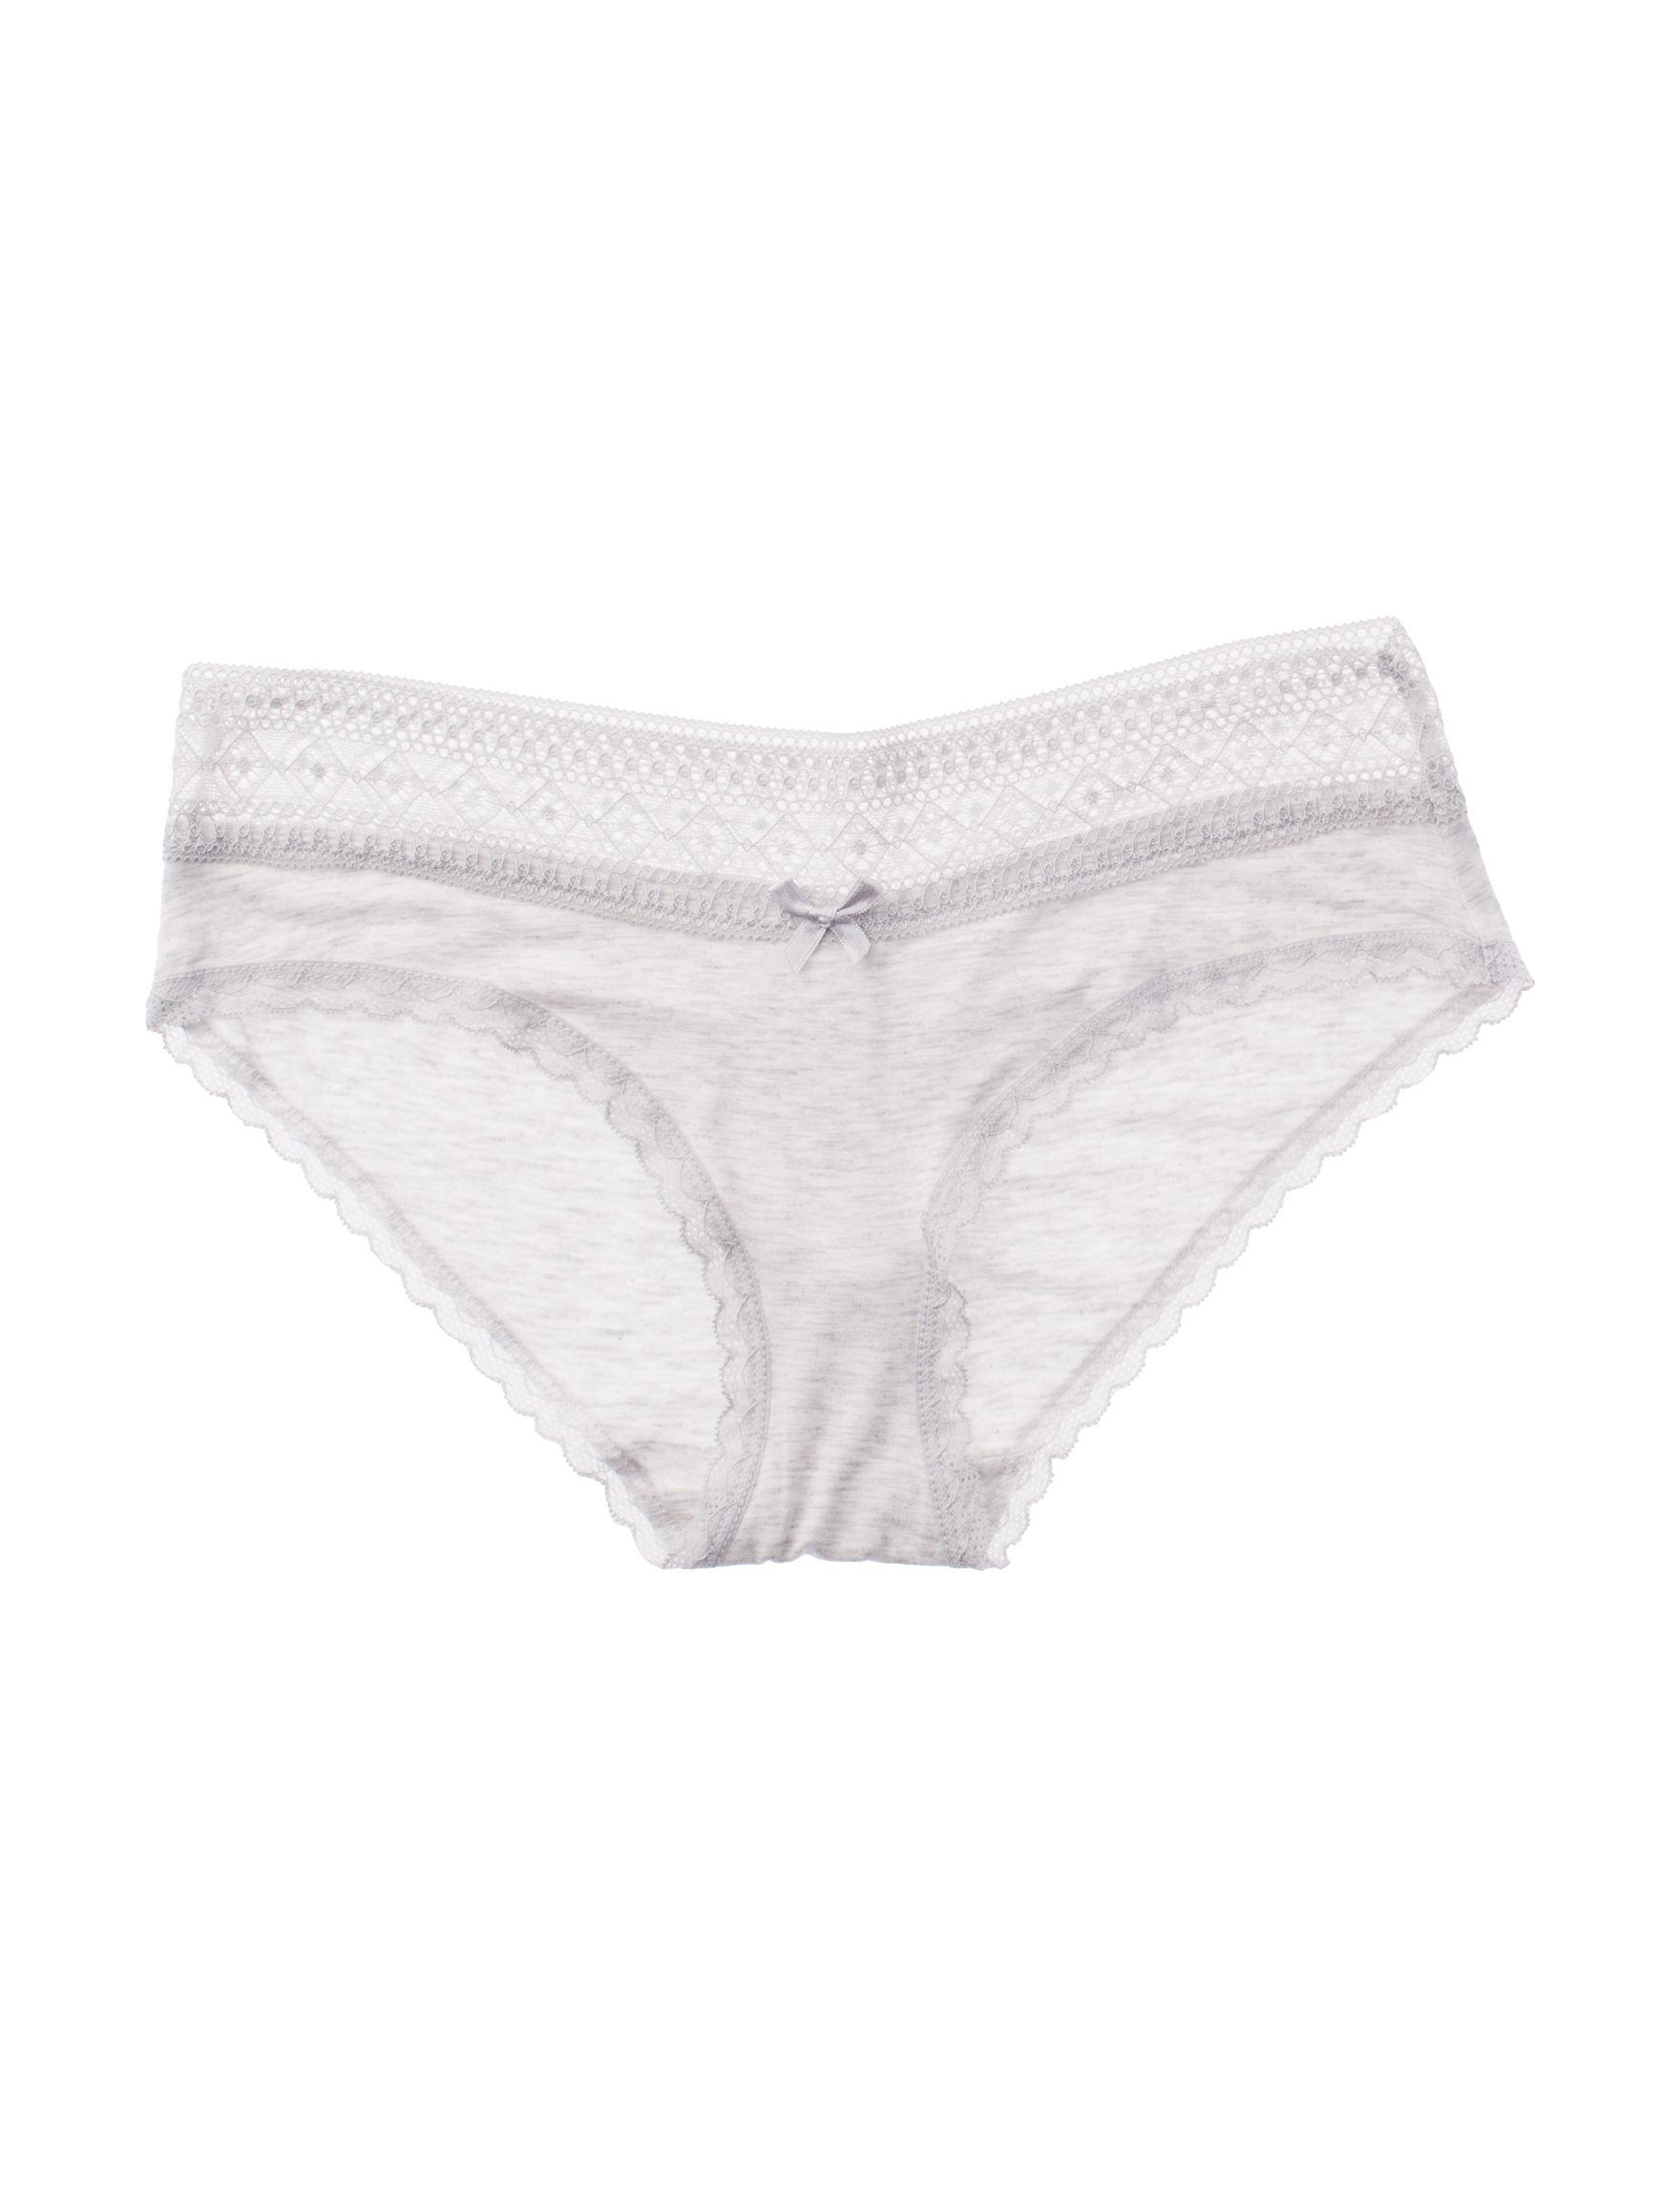 Rene Rofe Heather Grey Panties Hipster